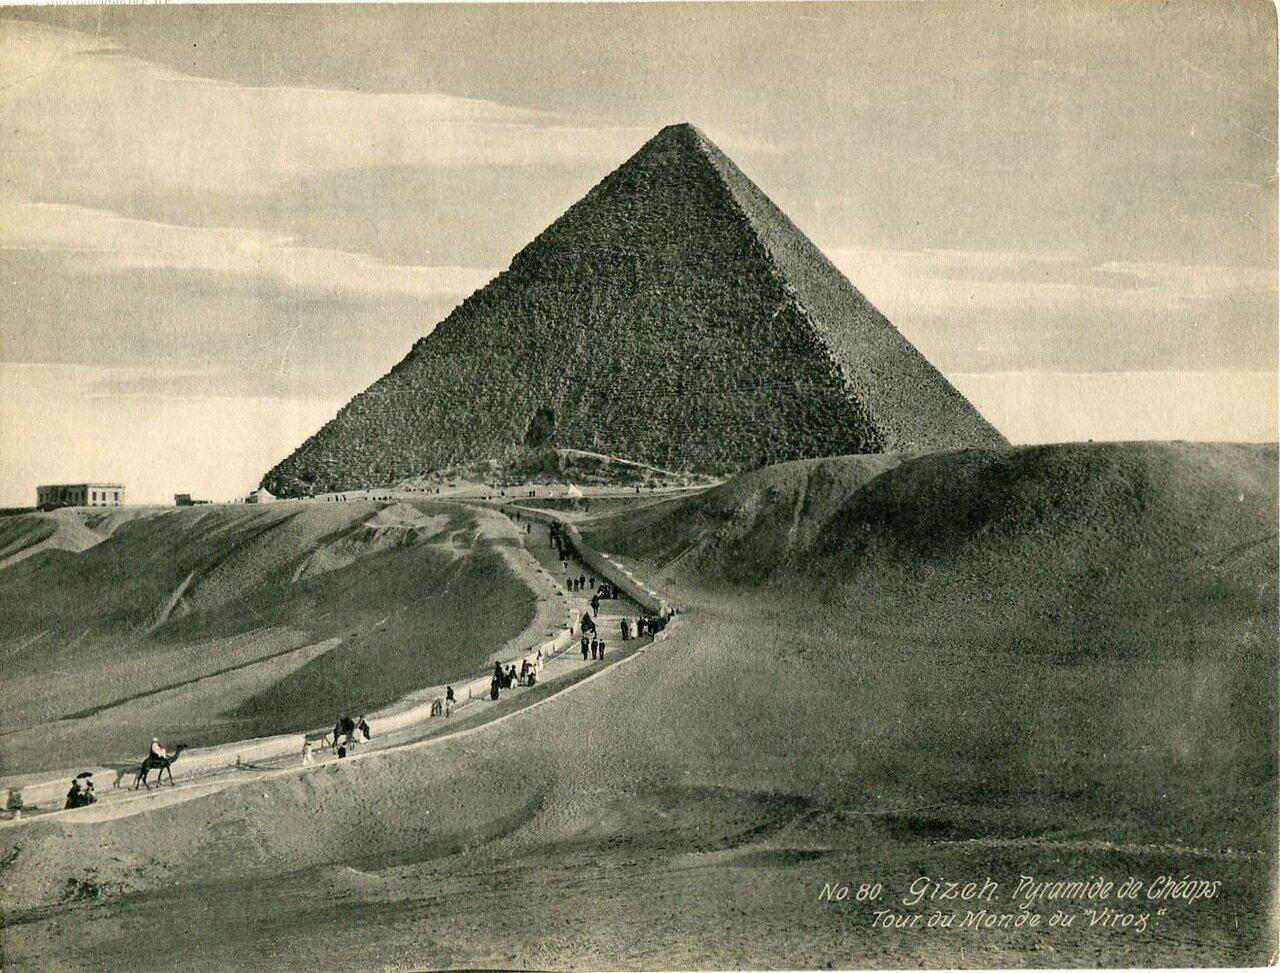 Гиза. Пирамида Хеопса. 1900